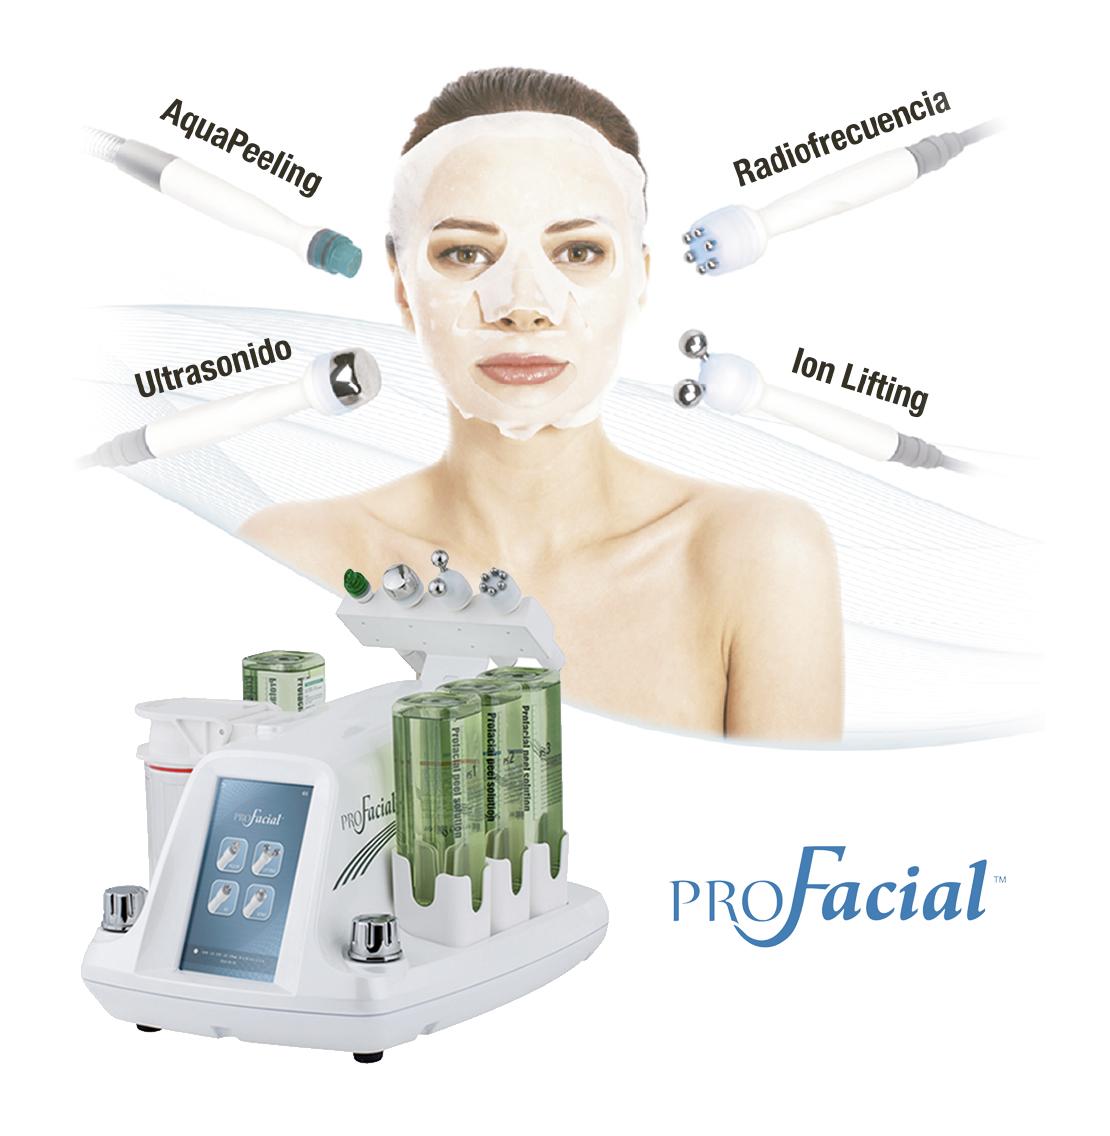 tecnologias profacial: Aqua Peeling, Ion Lifting, radiofrecuencia y Ultrasonidos. belium medical distribuidor españa. Limpieza facial profunda, rejuvenecimiento, antiarrugas, producción de colágeno